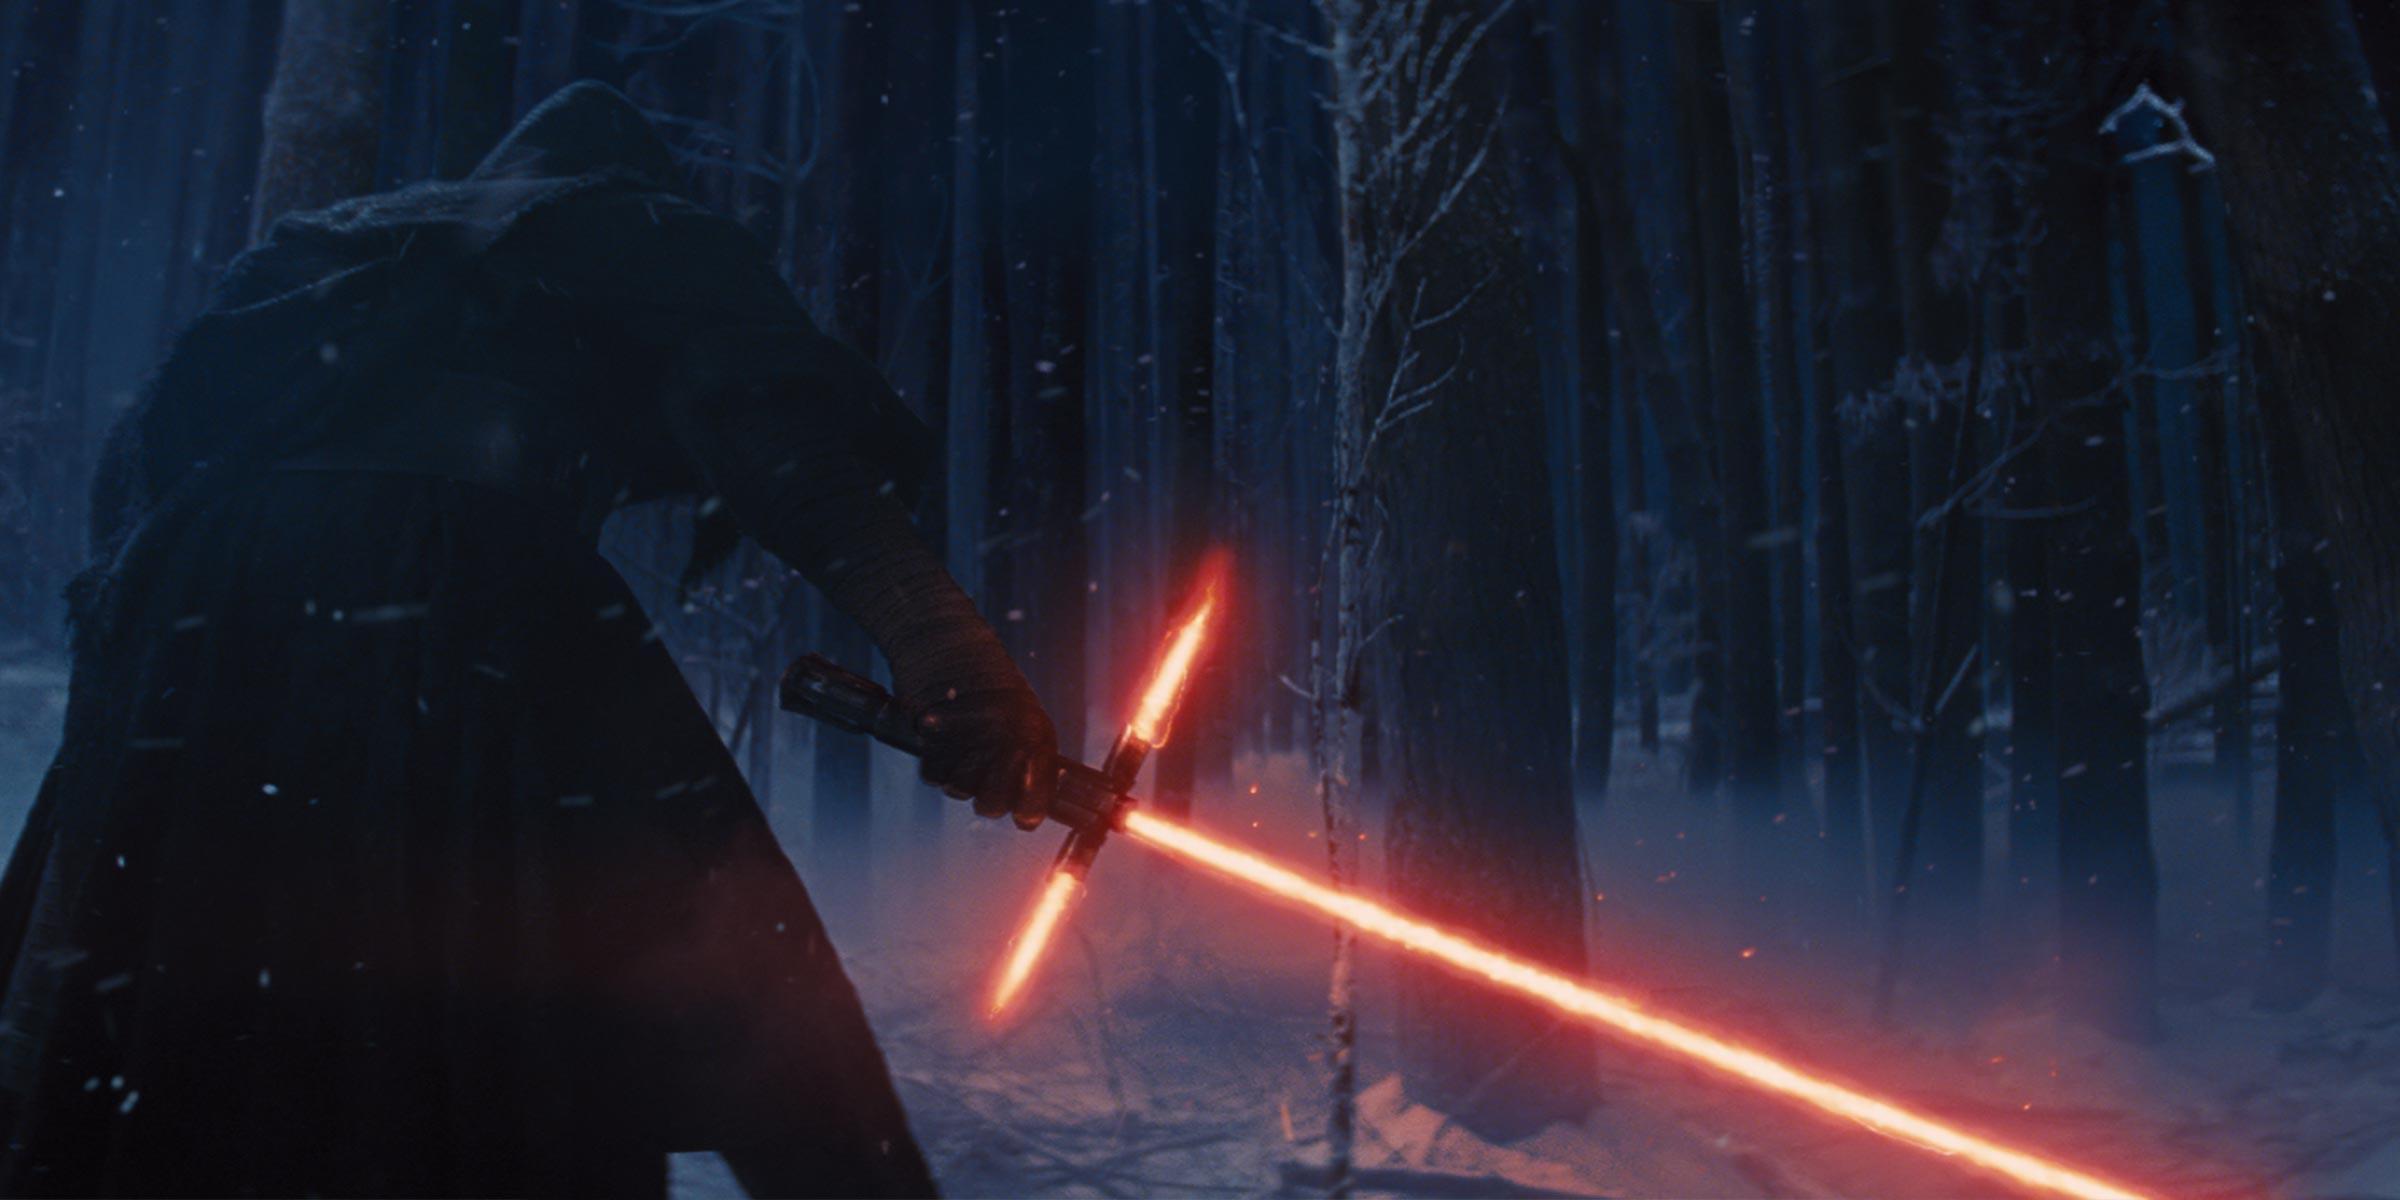 star-wars-force-awakens-spoilers